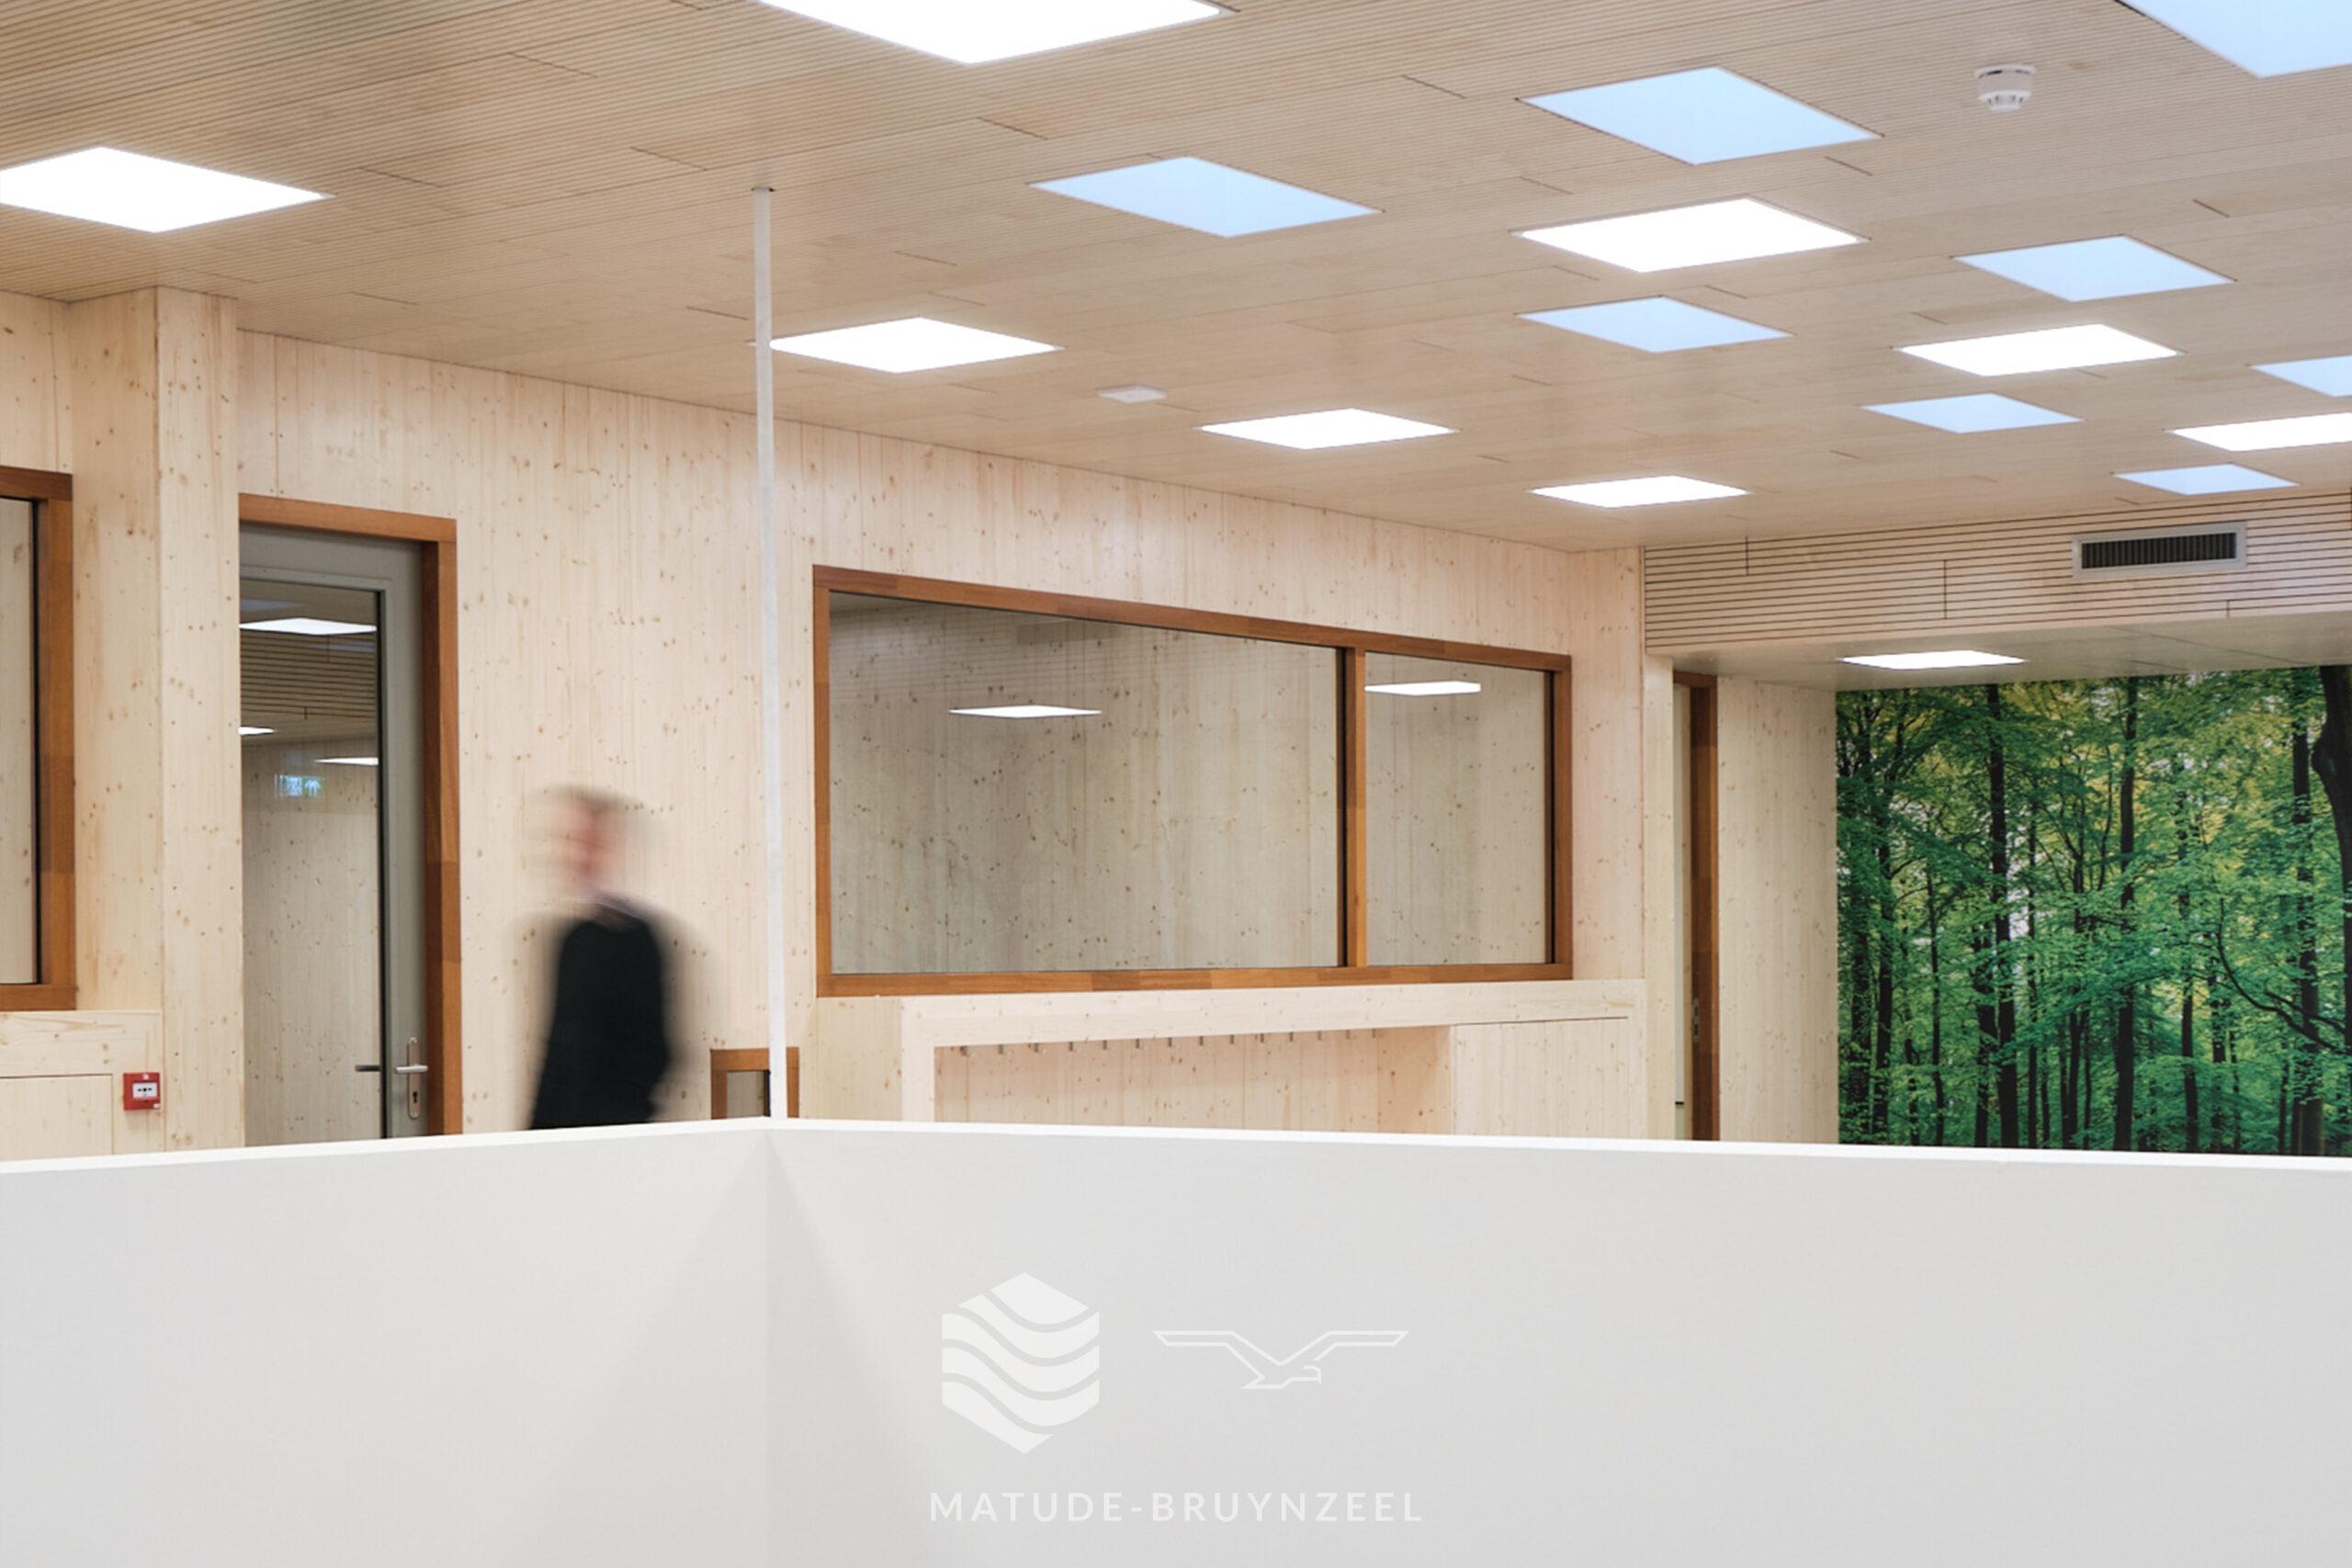 https://www.matude.nl/wp-content/uploads/2020/12/Matude_Bruynzeel_MFA_Voorn_Bruynzeel_Perfosound_Line_Akoestisch_Plafond_04-scaled.jpg